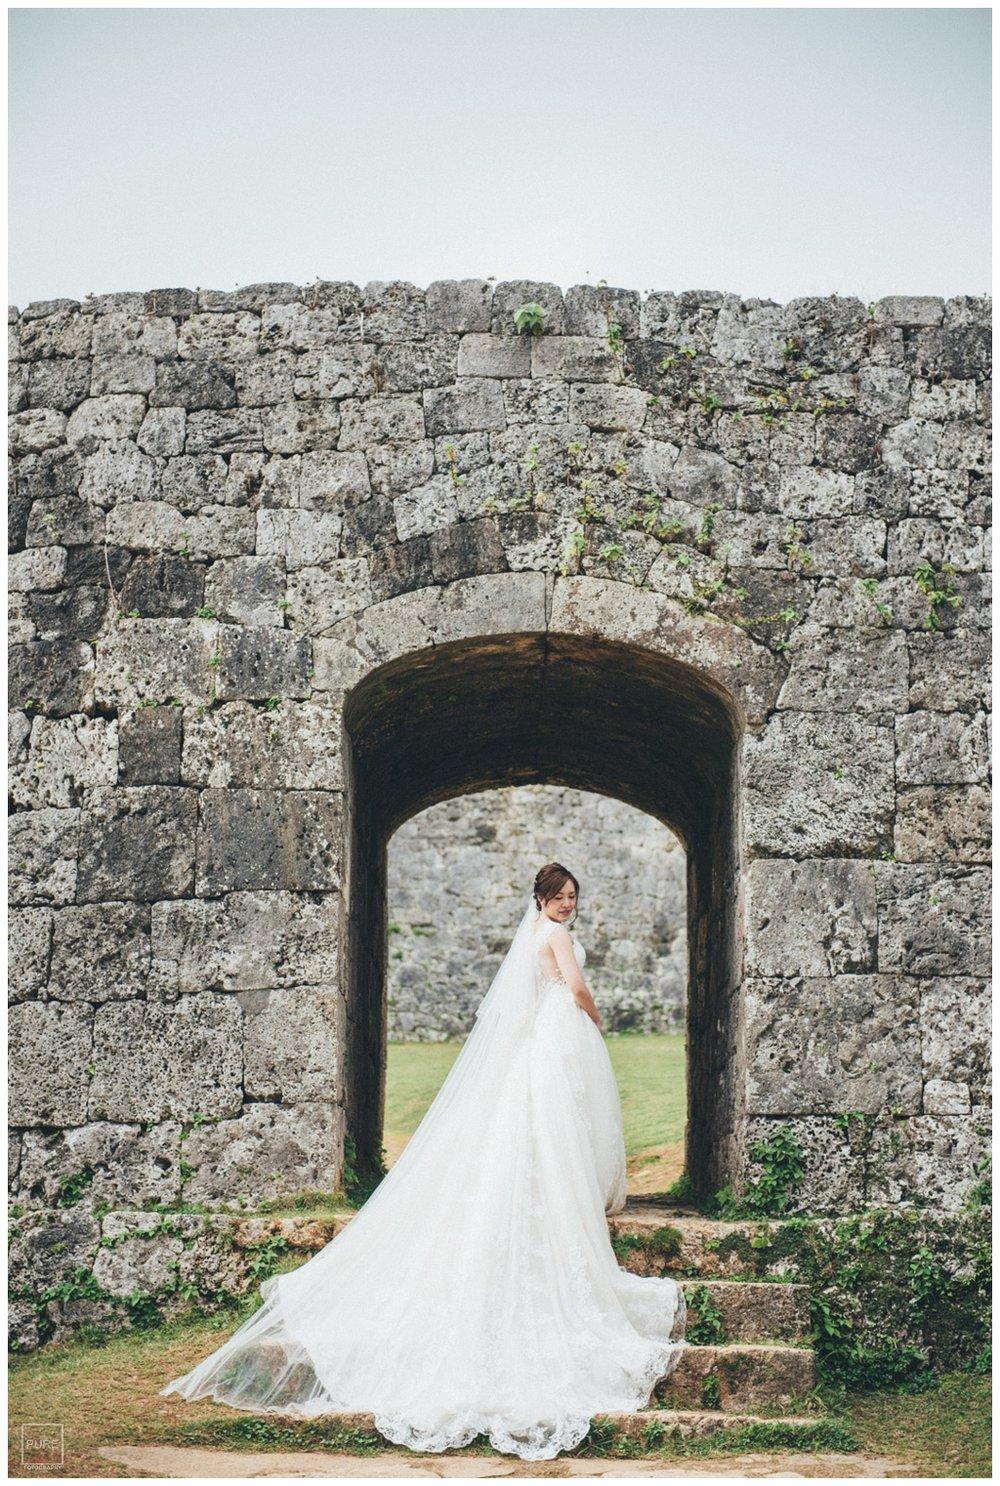 座喜味城白紗婚紗拍攝